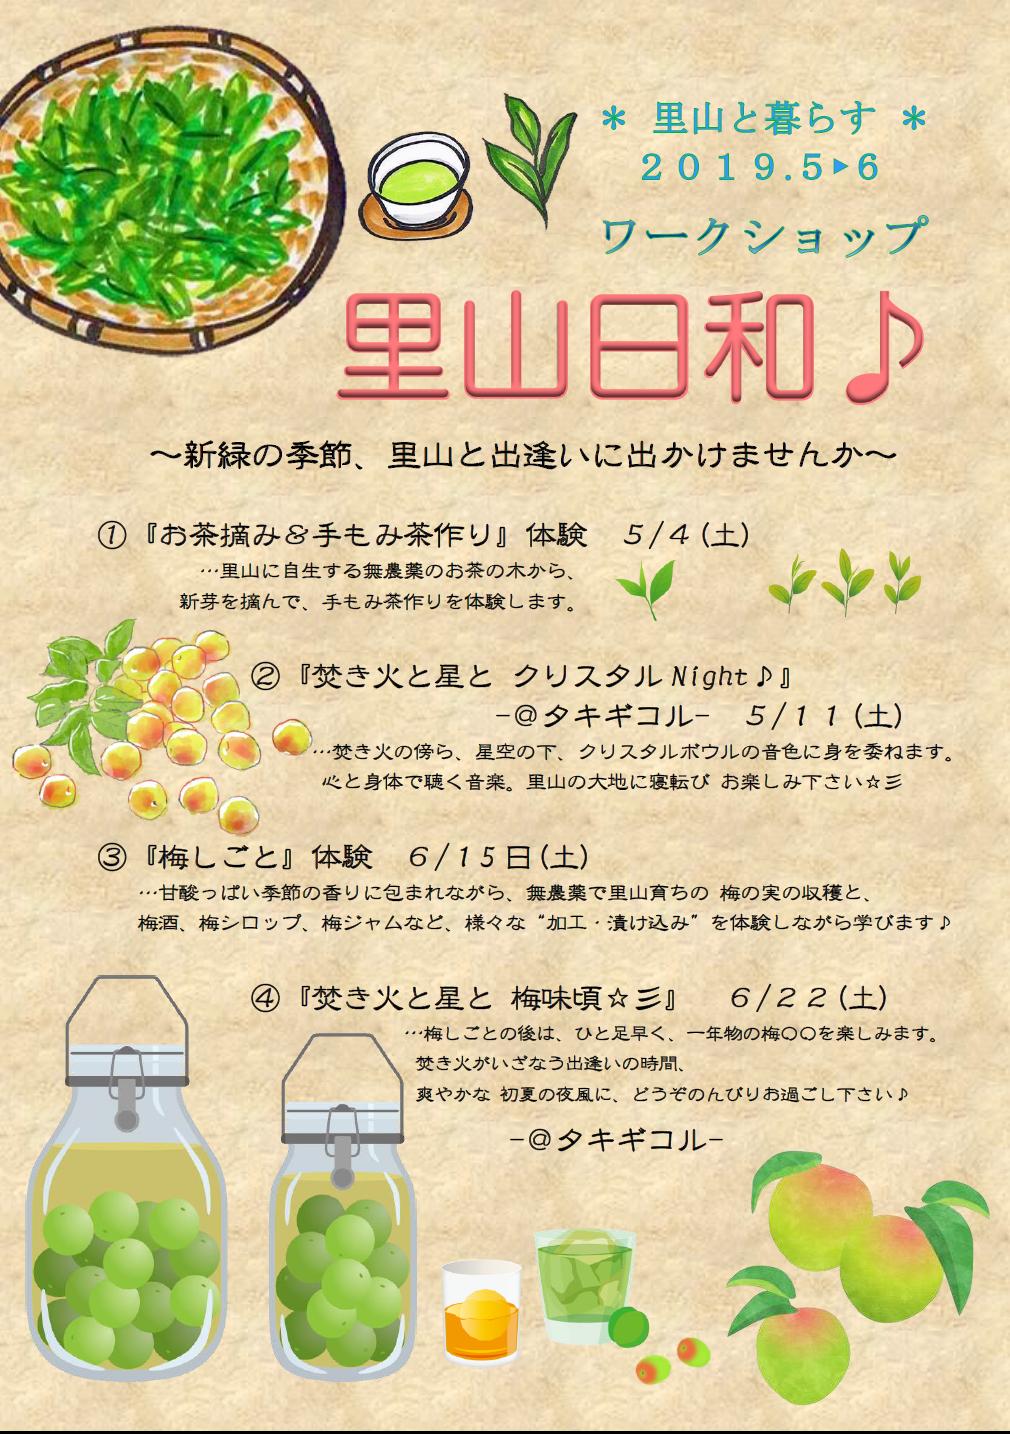 里山日和♪ チラシ2019.5~6 (表)